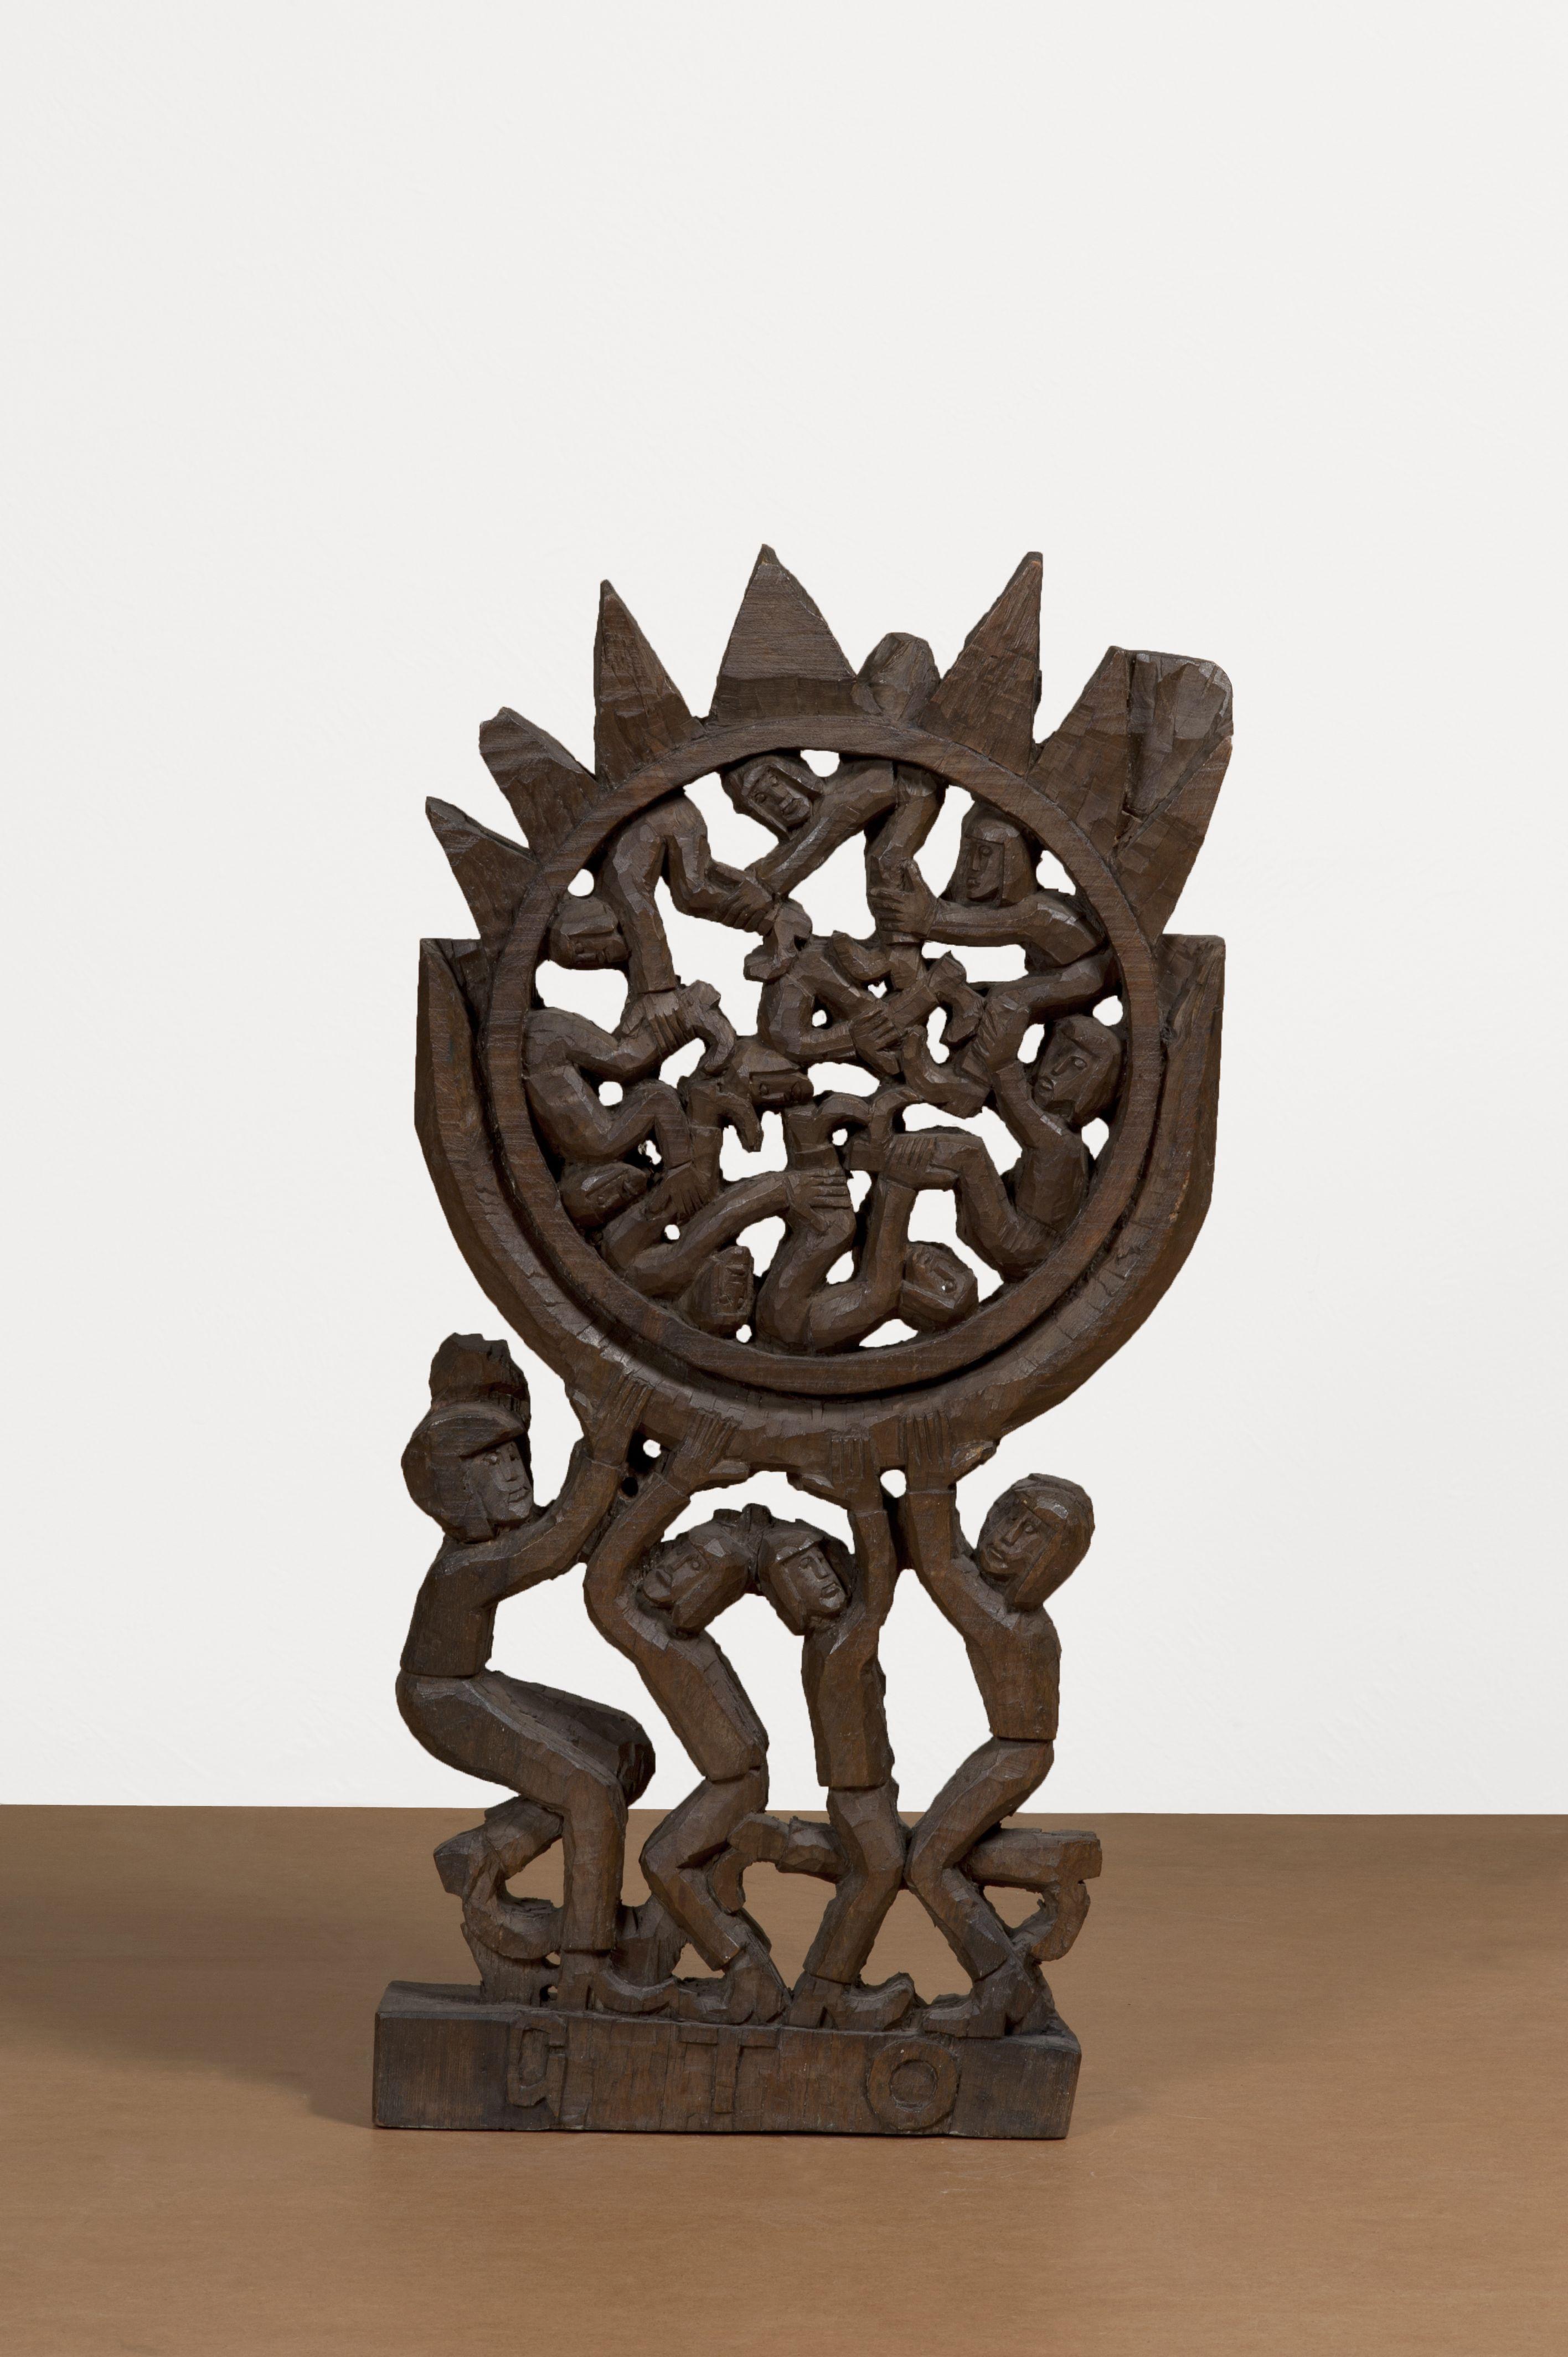 G.T.O - Geraldo Teles de Oliveira Sem título, 1992 Escultura em Madeira 86 x 44 x 10 cm